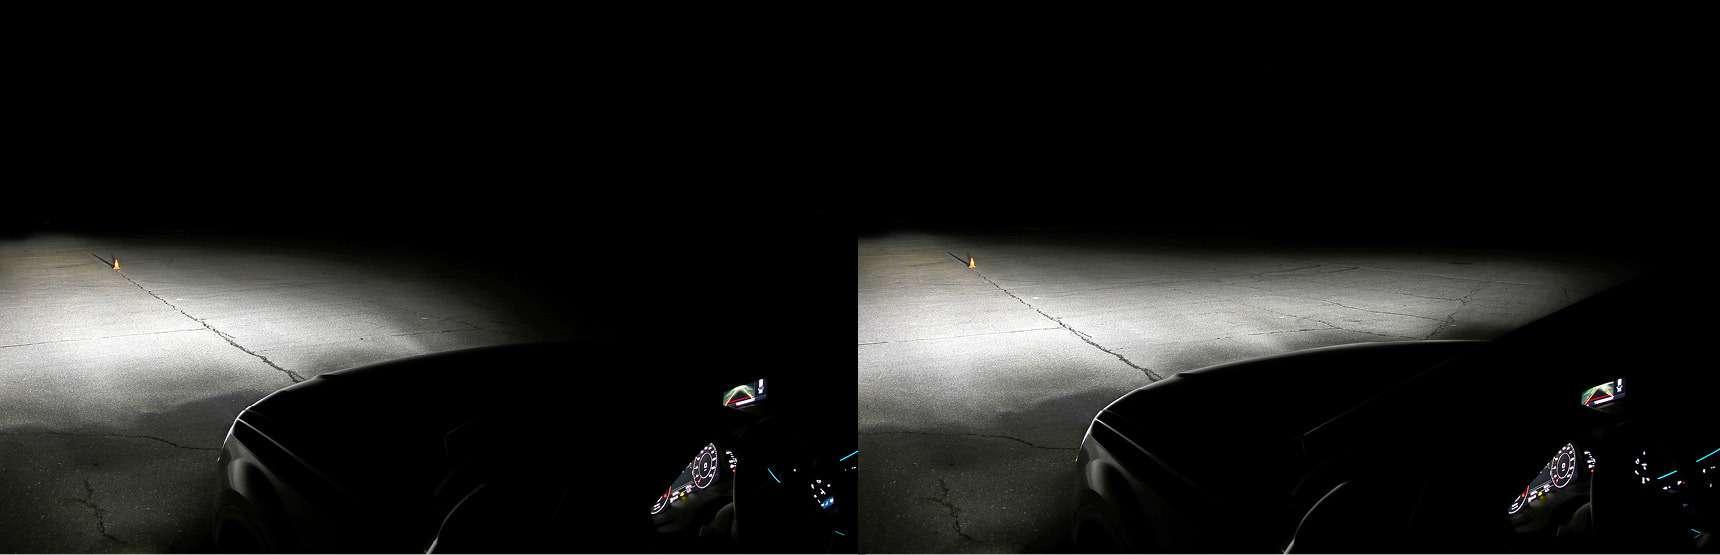 Супертест светодиодных фар: какая из10машин заглянет дальше?— фото 601198